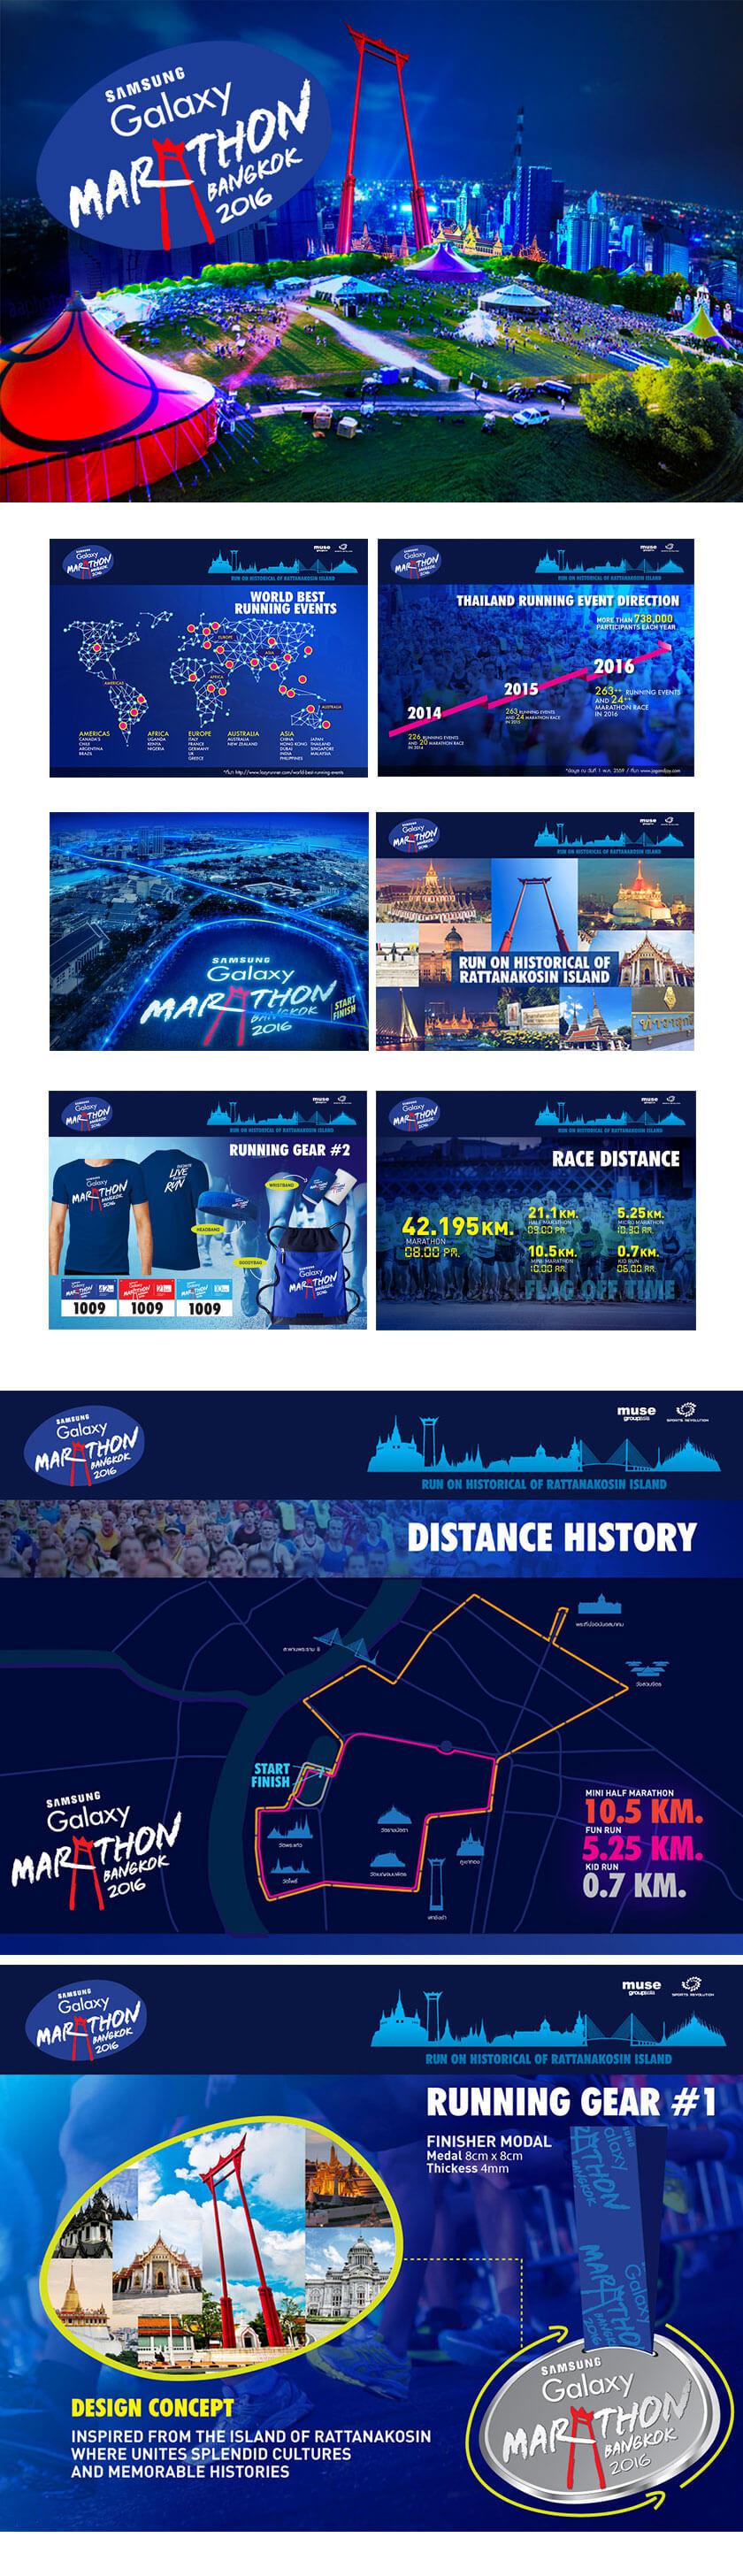 ออกแบบ Proposal SAMSUNG marathon 2016 | MeDee - บริษัทรับทำเว็บไซต์ กราฟฟิกดีไซน์